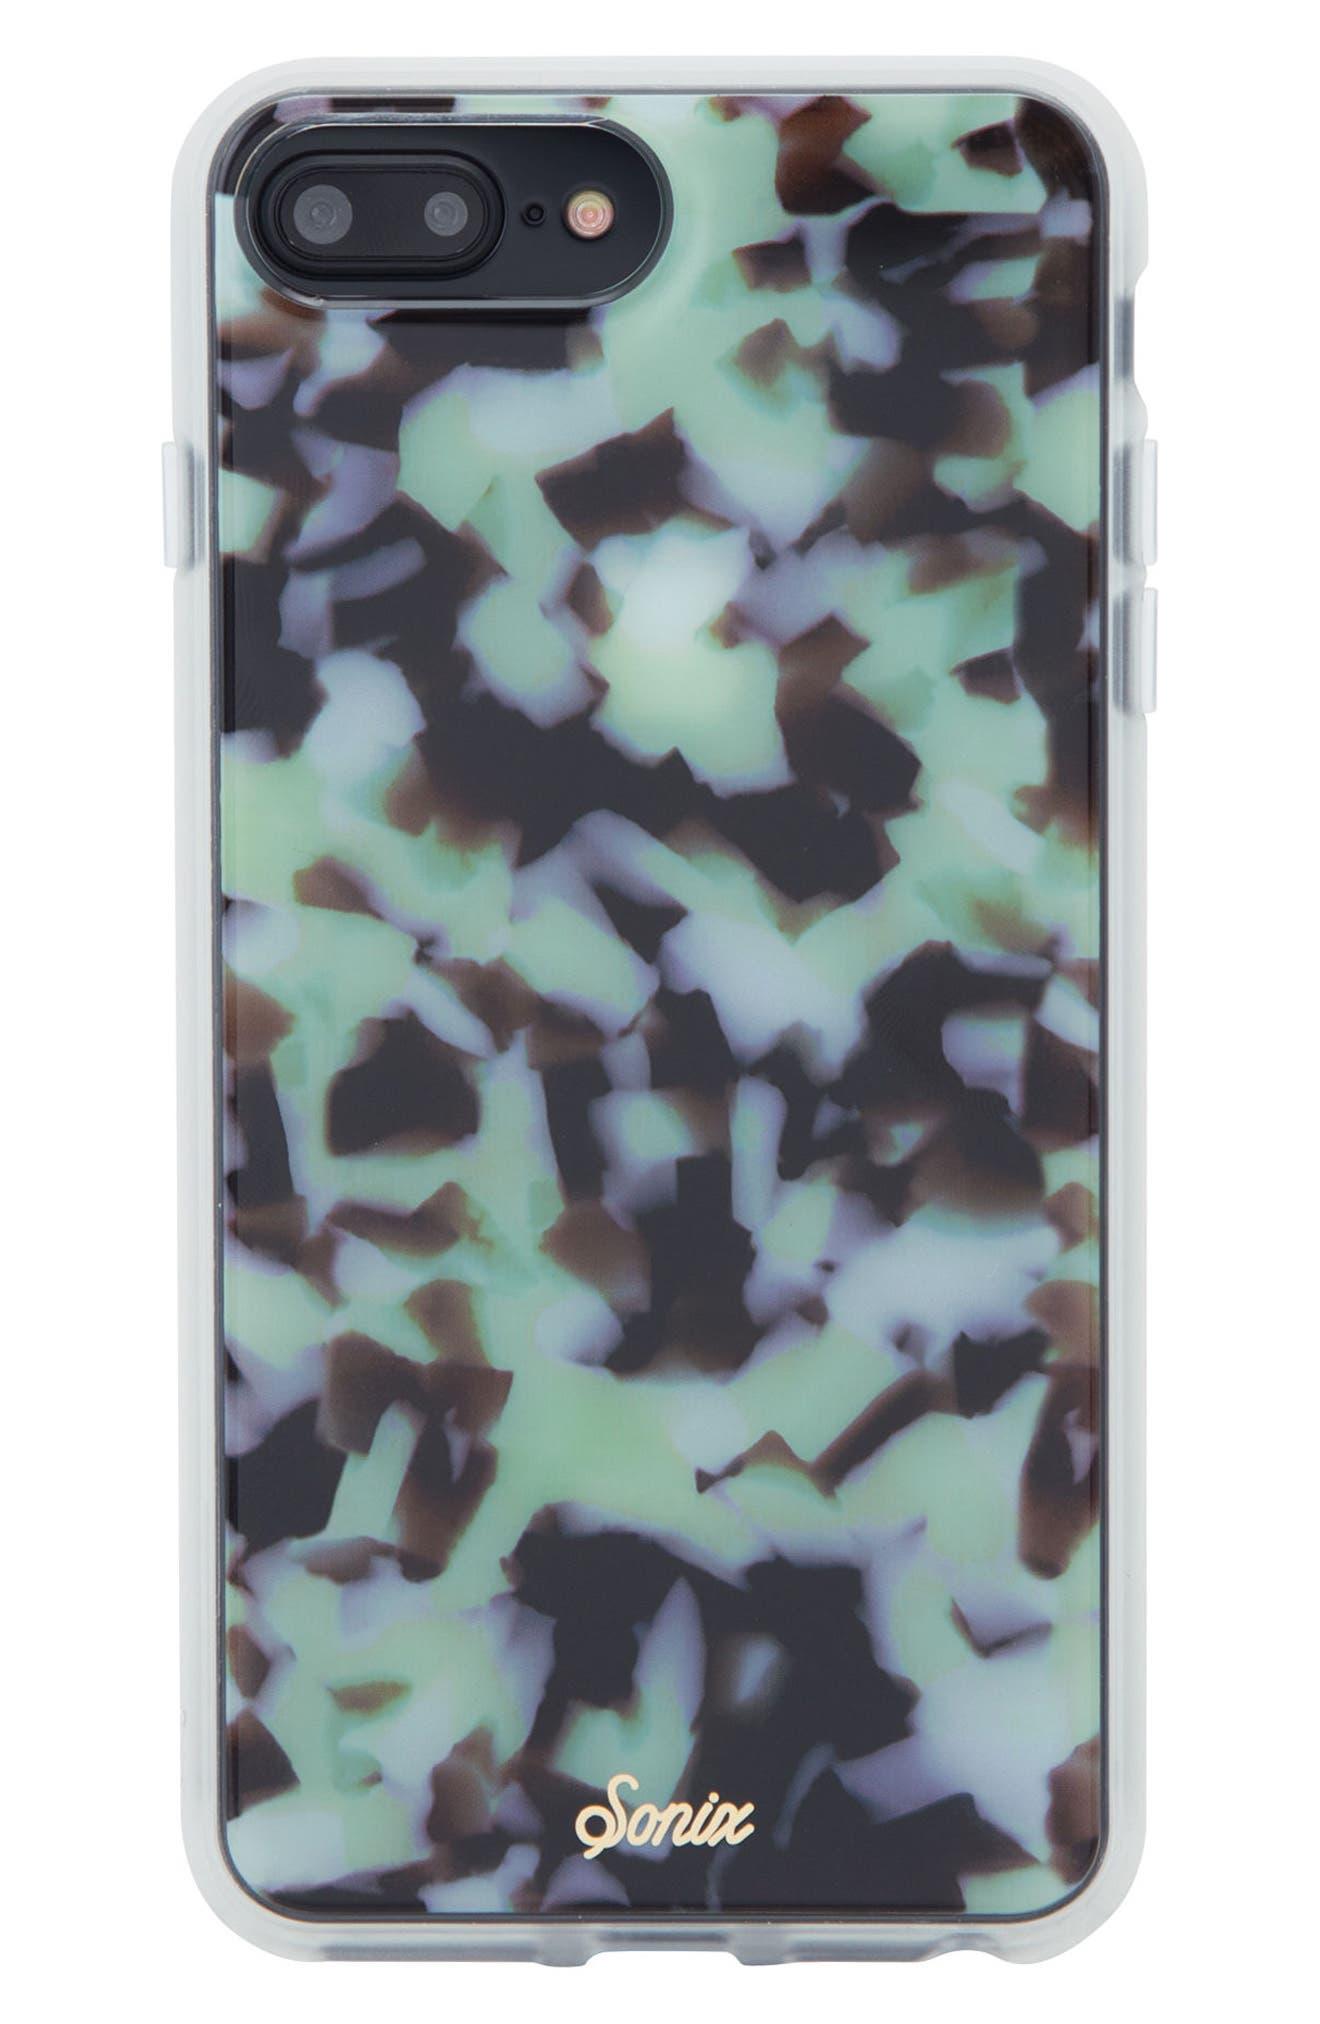 Terrazzo Mint iPhone 6/6s/7/8 & 6/6s/7/8 Plus Case,                             Main thumbnail 1, color,                             300